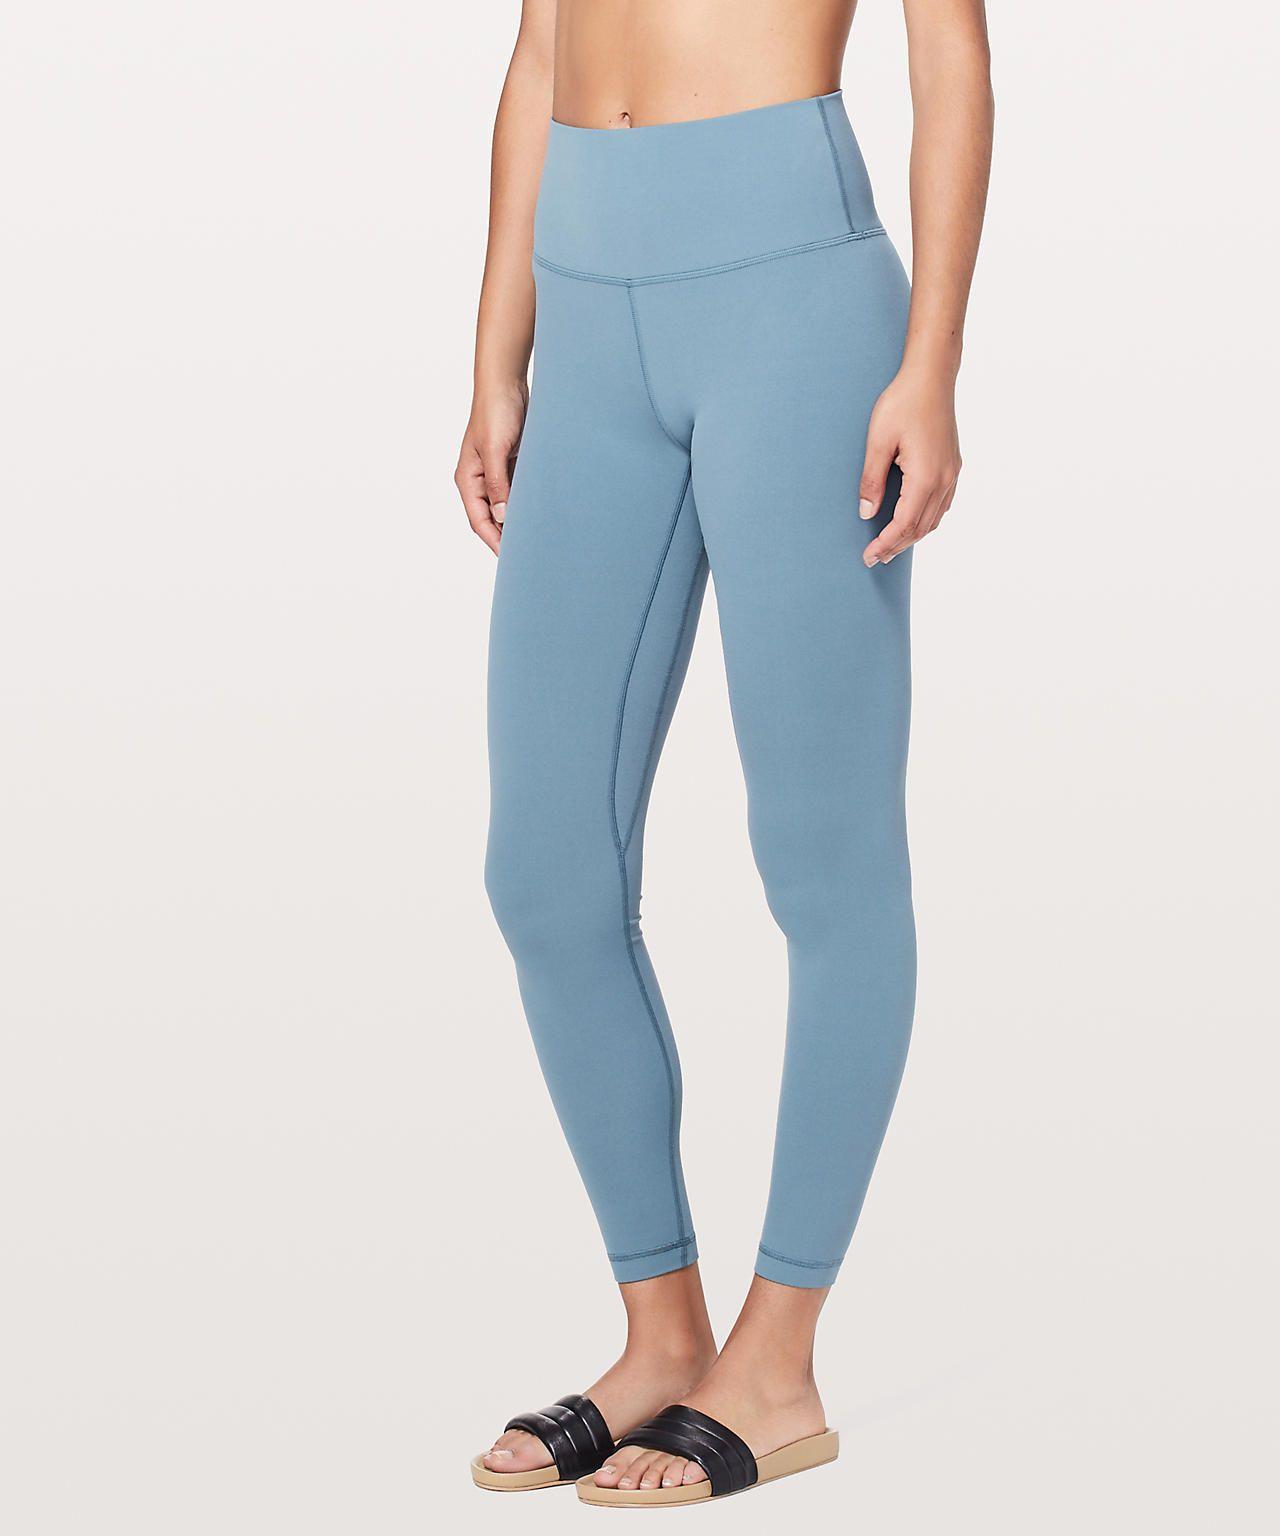 c5ad7f413c Lululemon Align Pant 28   christmas list   Blue yoga pants, Pants ...